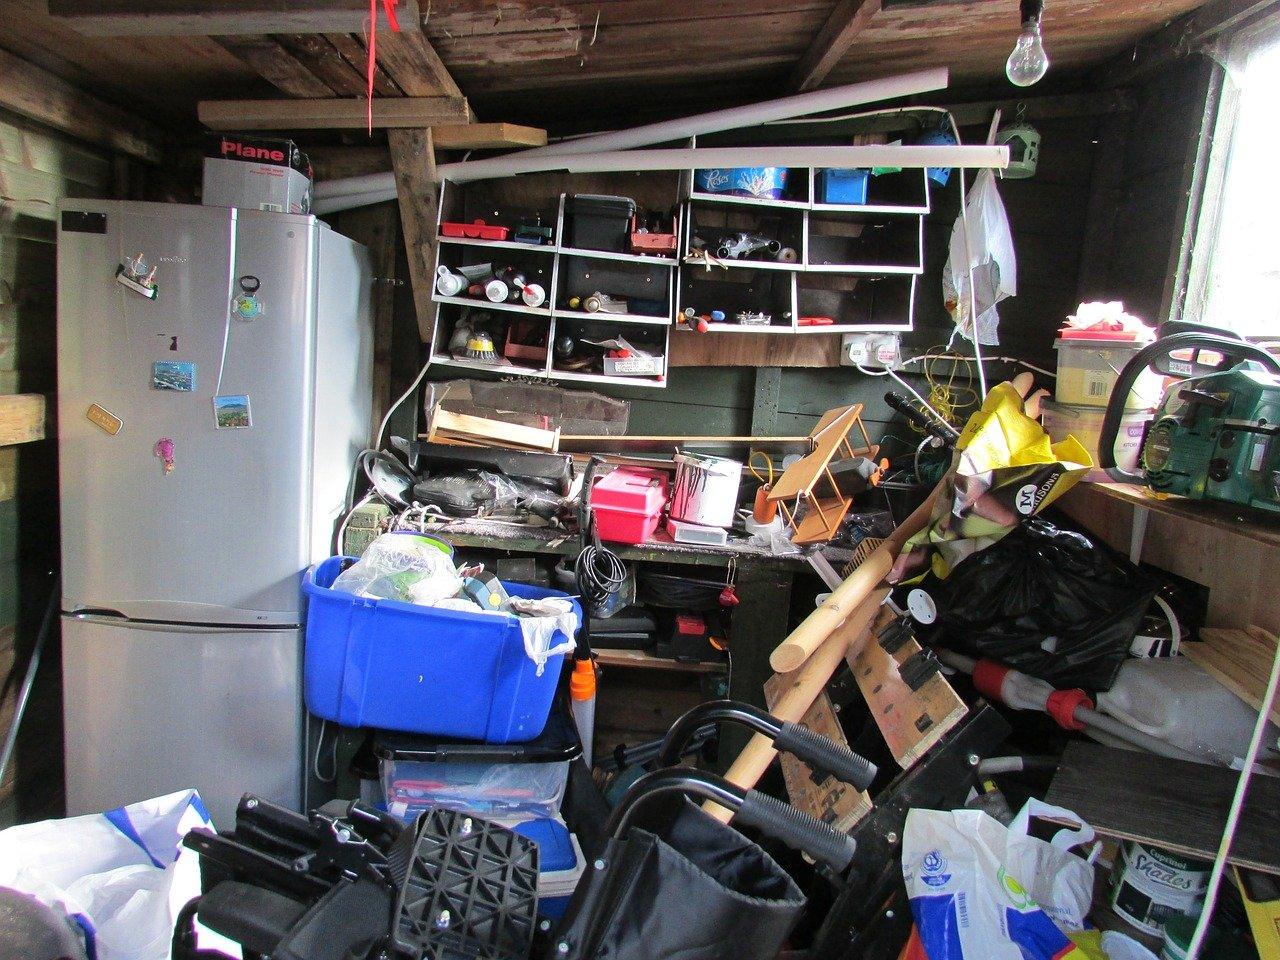 usporadani-garaze-bordel